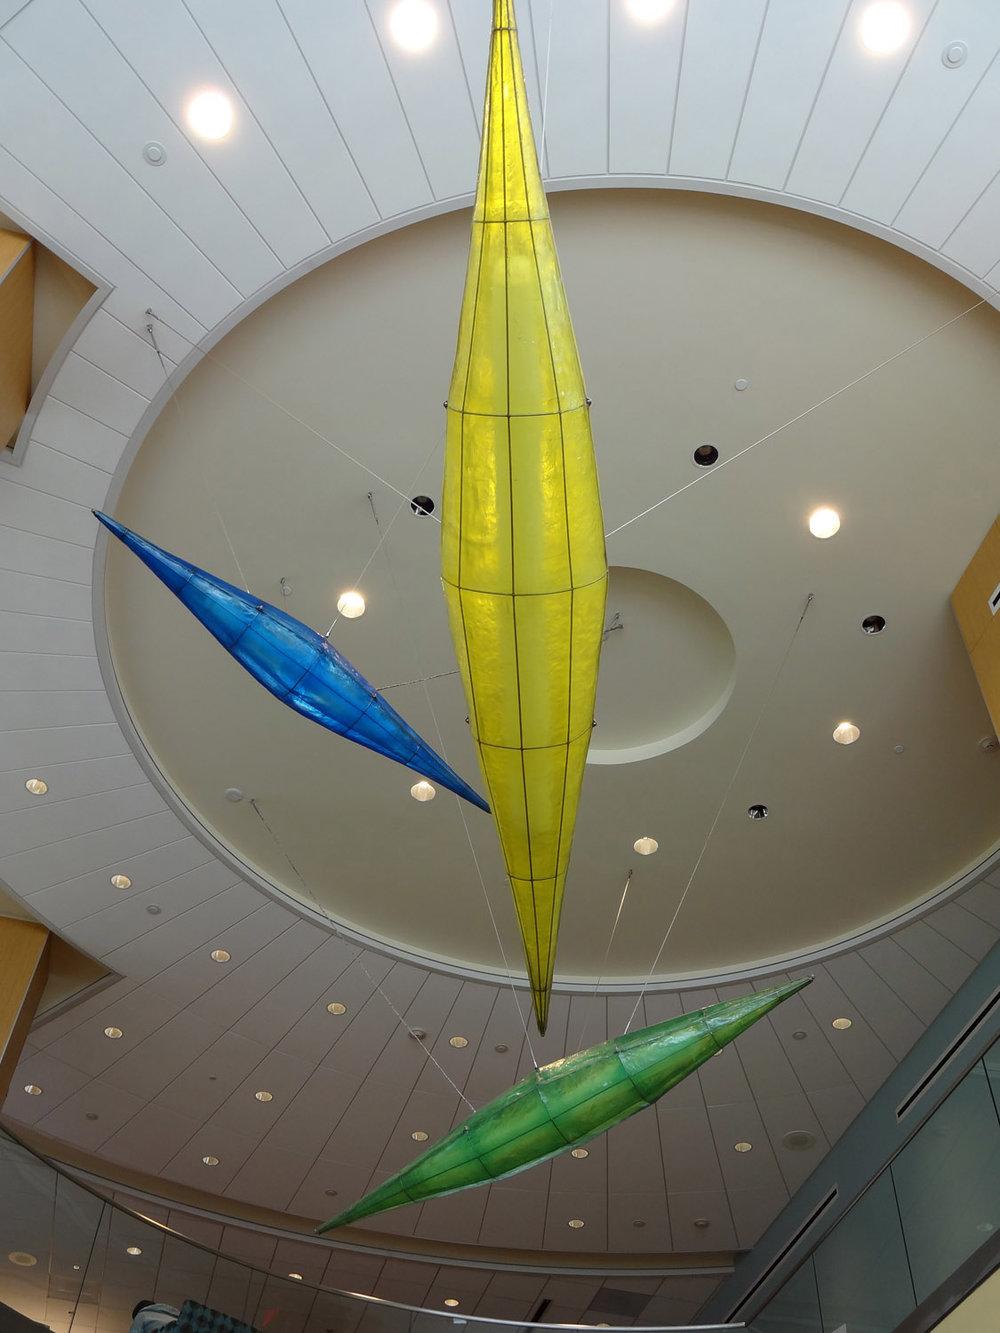 09_hanging pods_gerard basil stripling.jpg